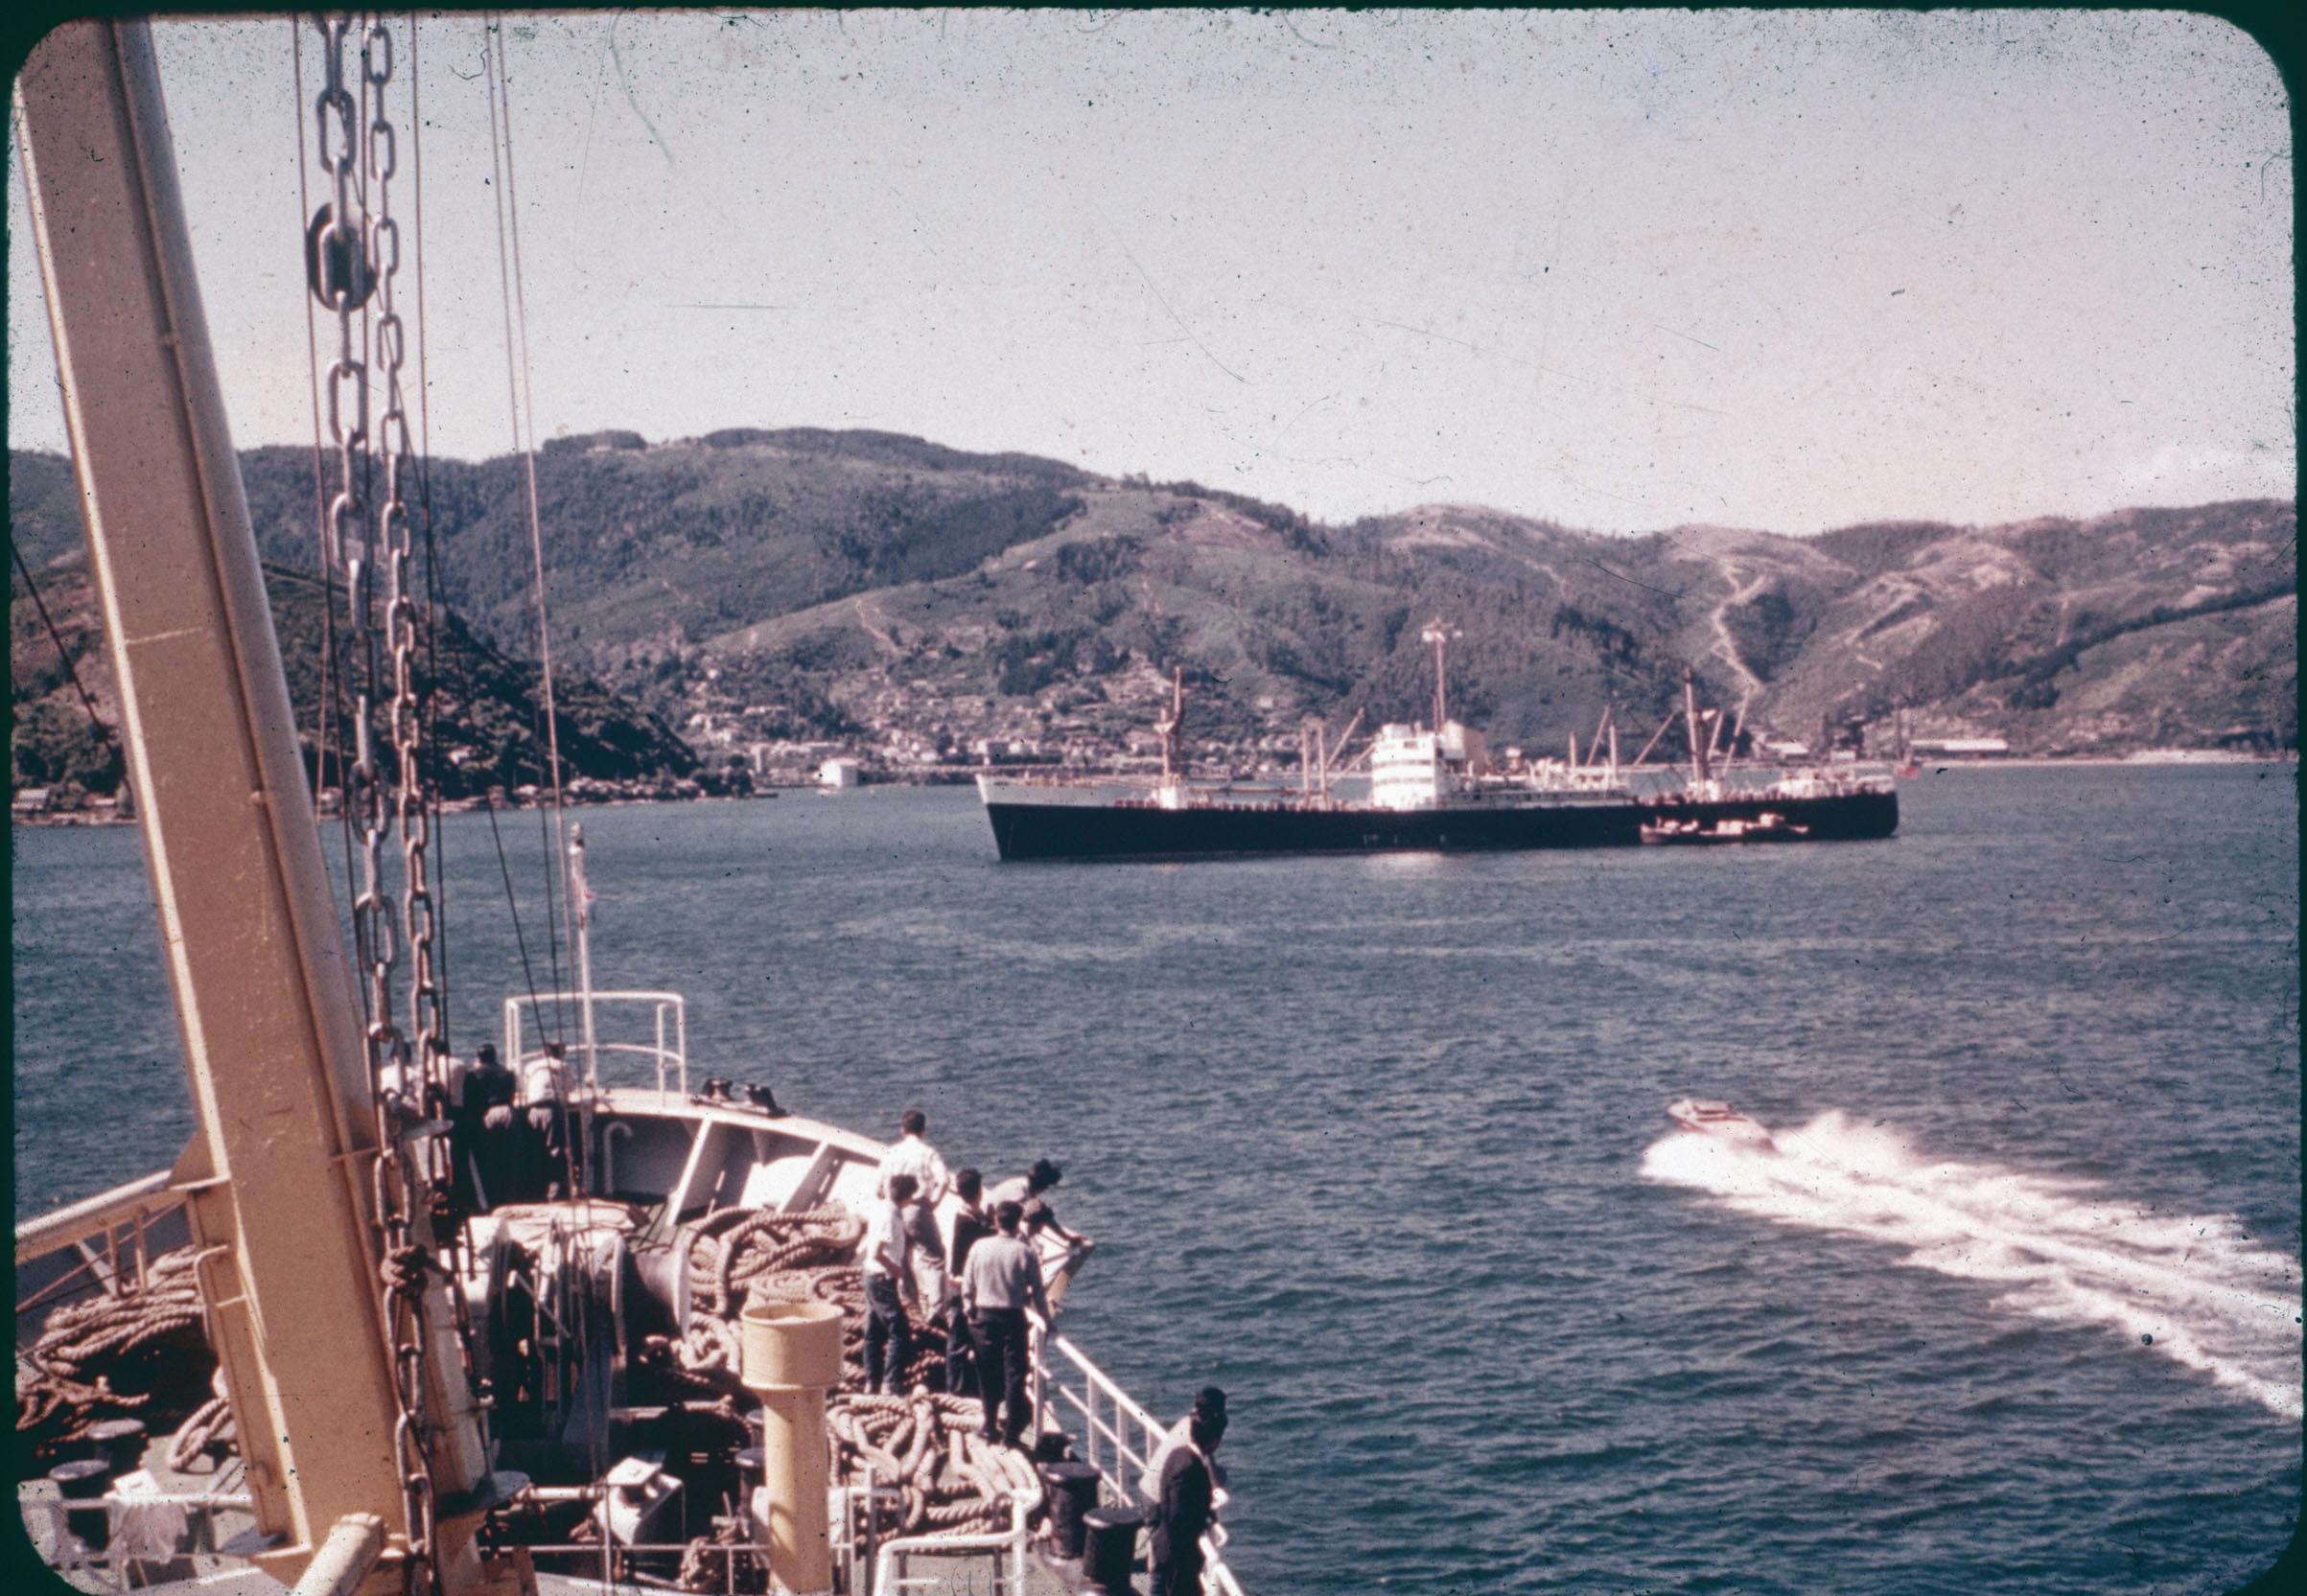 Enterreno - Fotos históricas de chile - fotos antiguas de Chile - Puerto de Corral, Valdivia, 1960